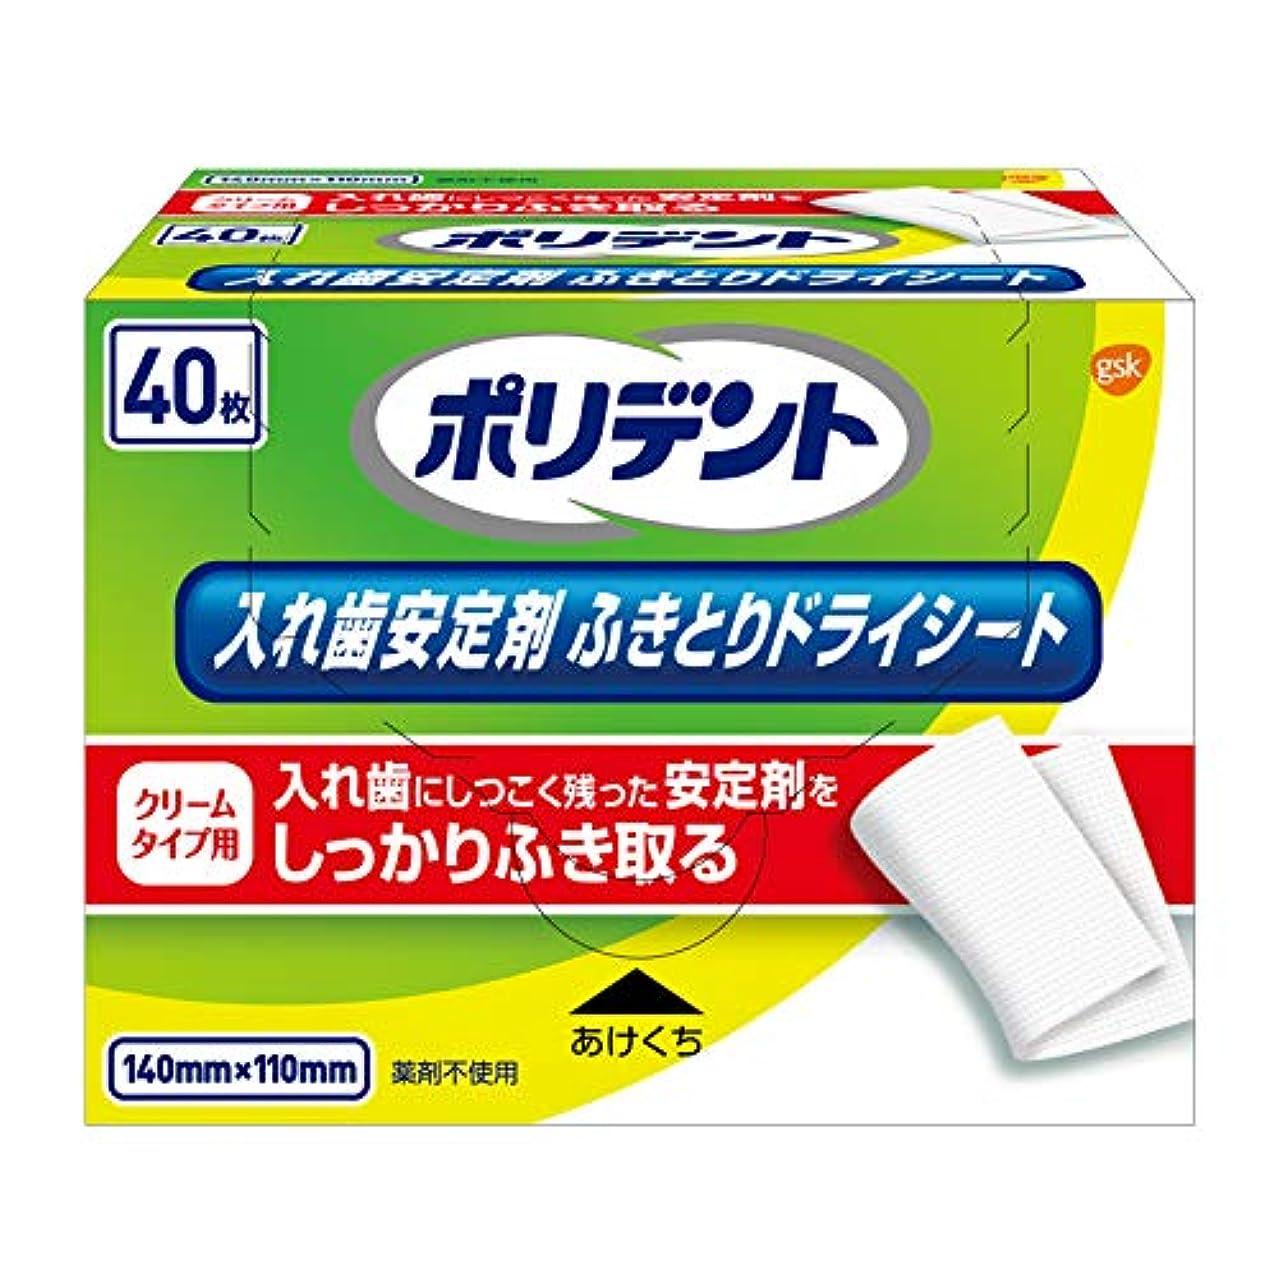 サミット無効肝ポリデント 入れ歯安定剤ふきとりドライシート 40枚